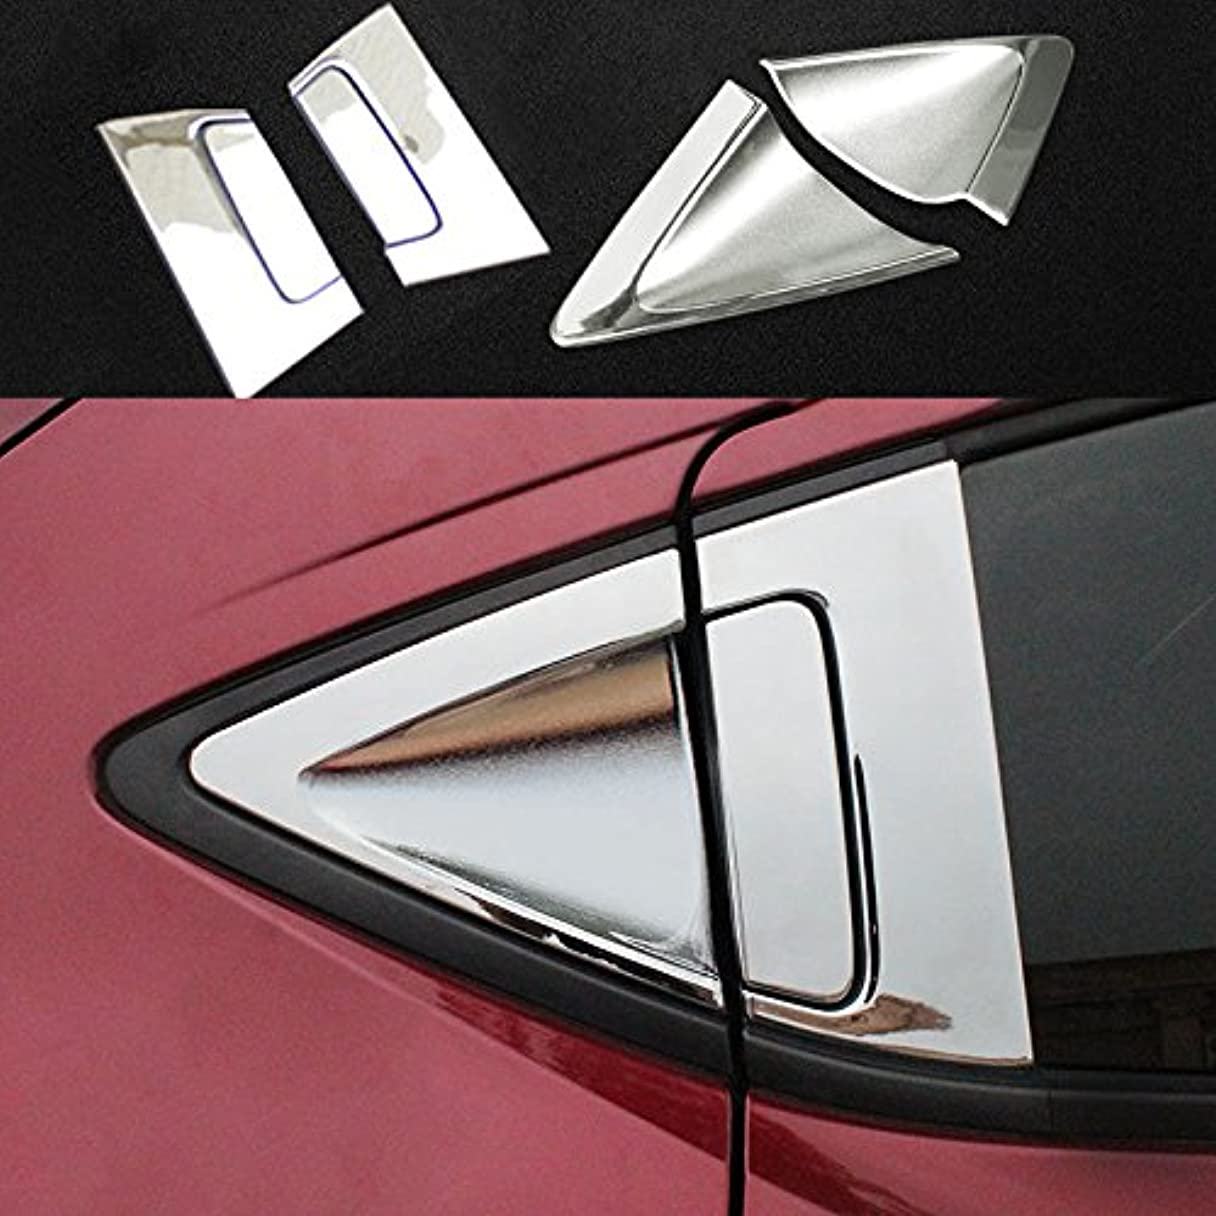 フクロウ用心深い辞書Jicorzo - ABSクローム車のリアのドアホンダHRV HRV 2014-2018カーエクステリアアクセサリースタイリングのためにボウルカバートリムガーニッシュハンドル